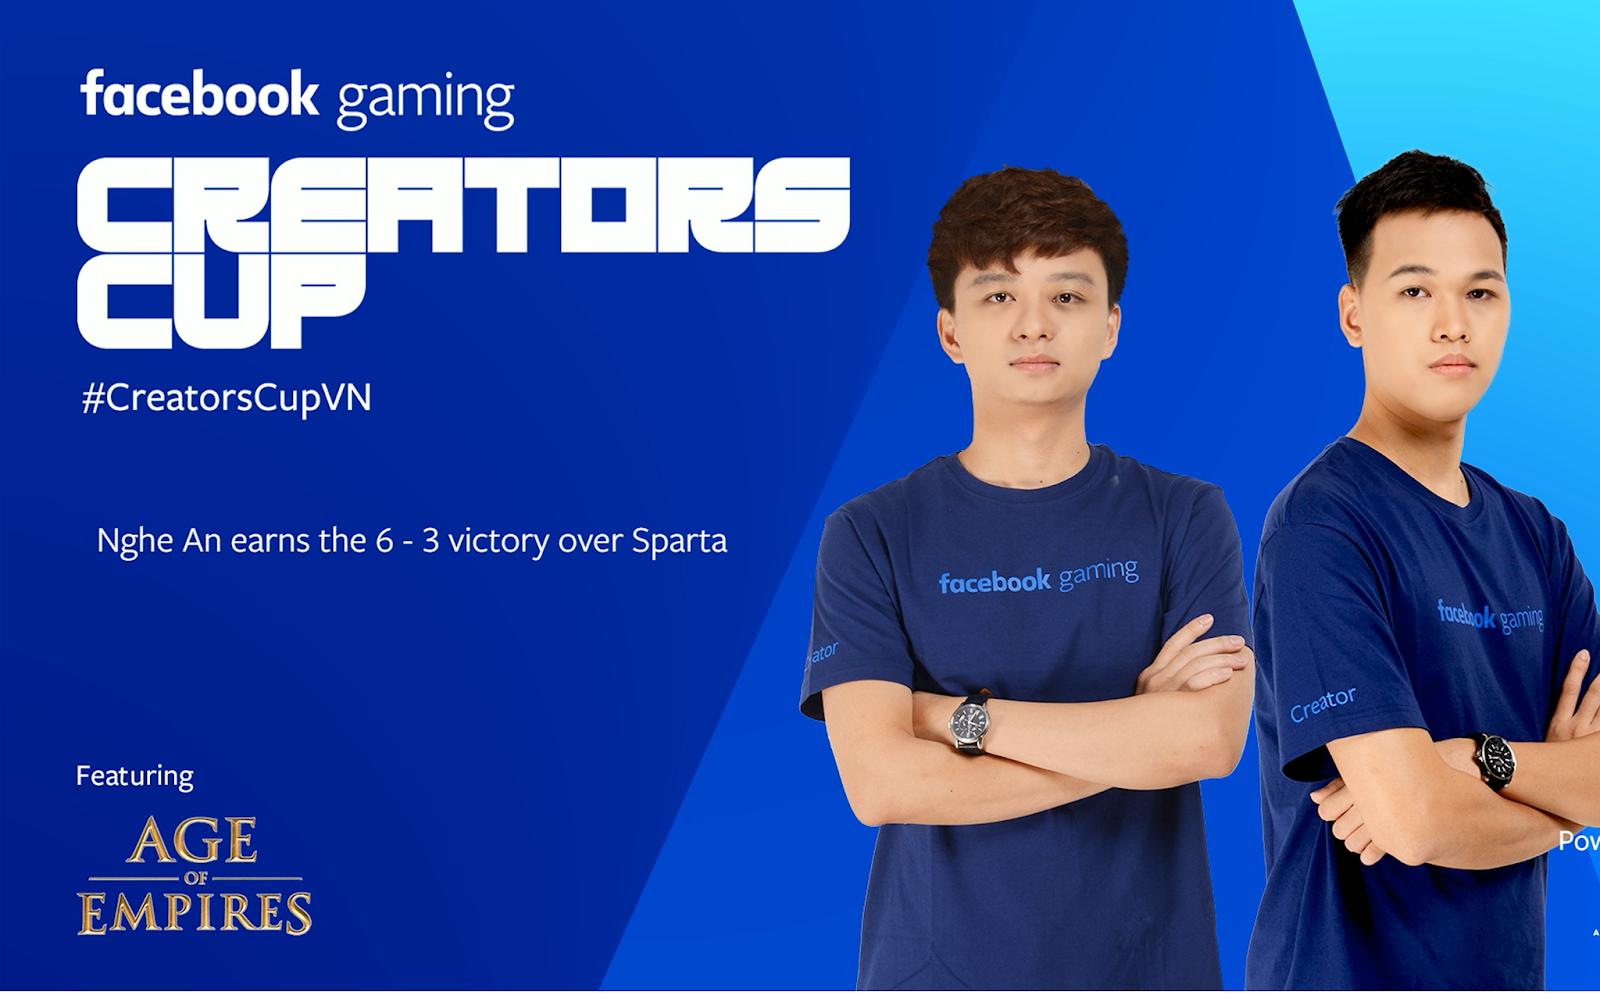 Tổng kết vòng 5 giải đấu AoE Facebook Gaming Creators Cup 2019: Nghệ An chiếm trọn spotlight